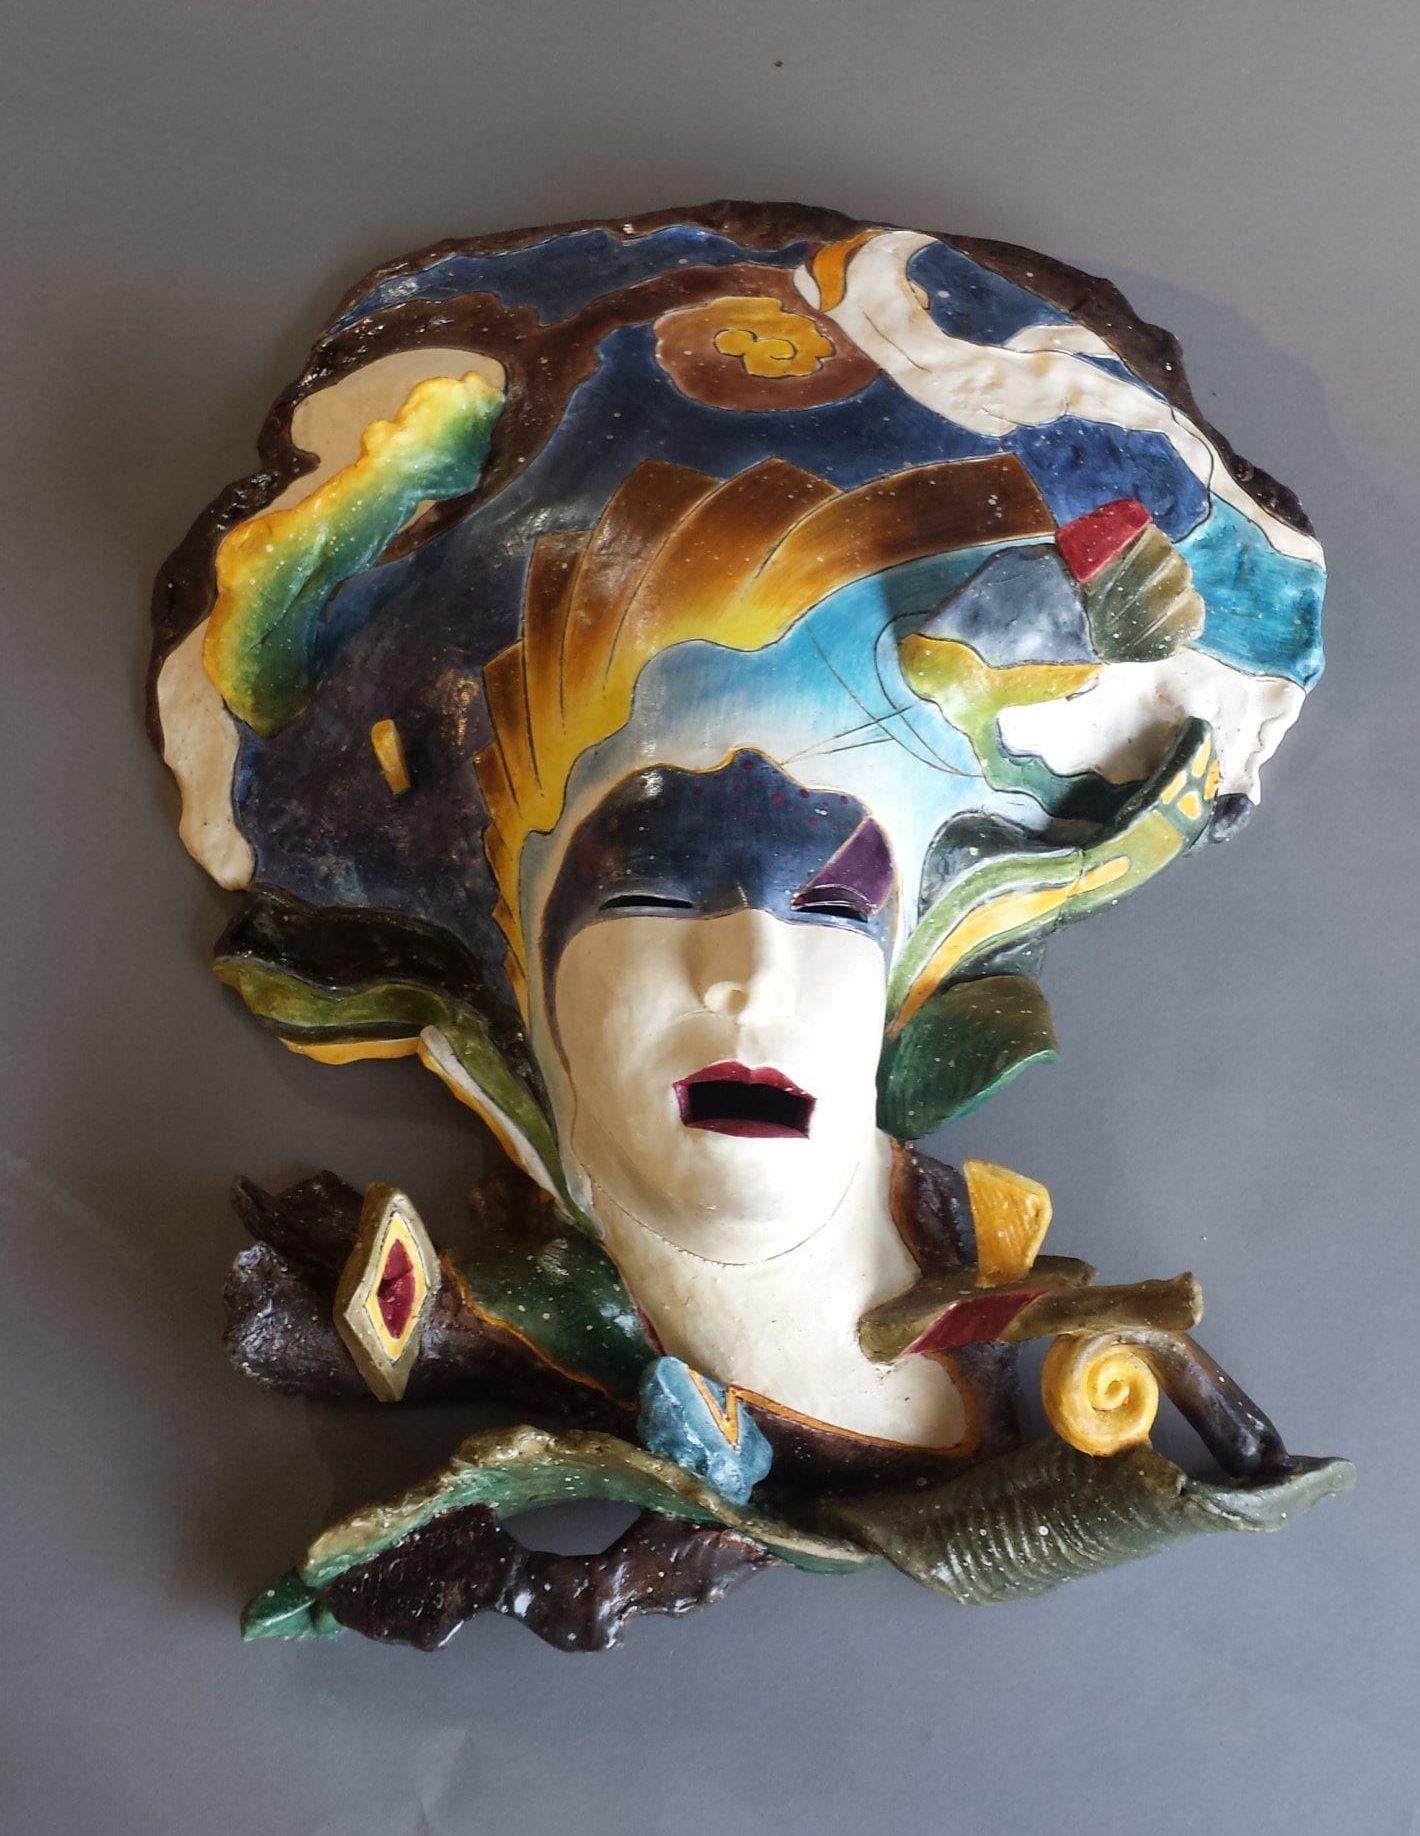 """Yoshio Taylor - Floating - 2020 - Ceramic - 28"""" x 23"""" x 6.5"""""""